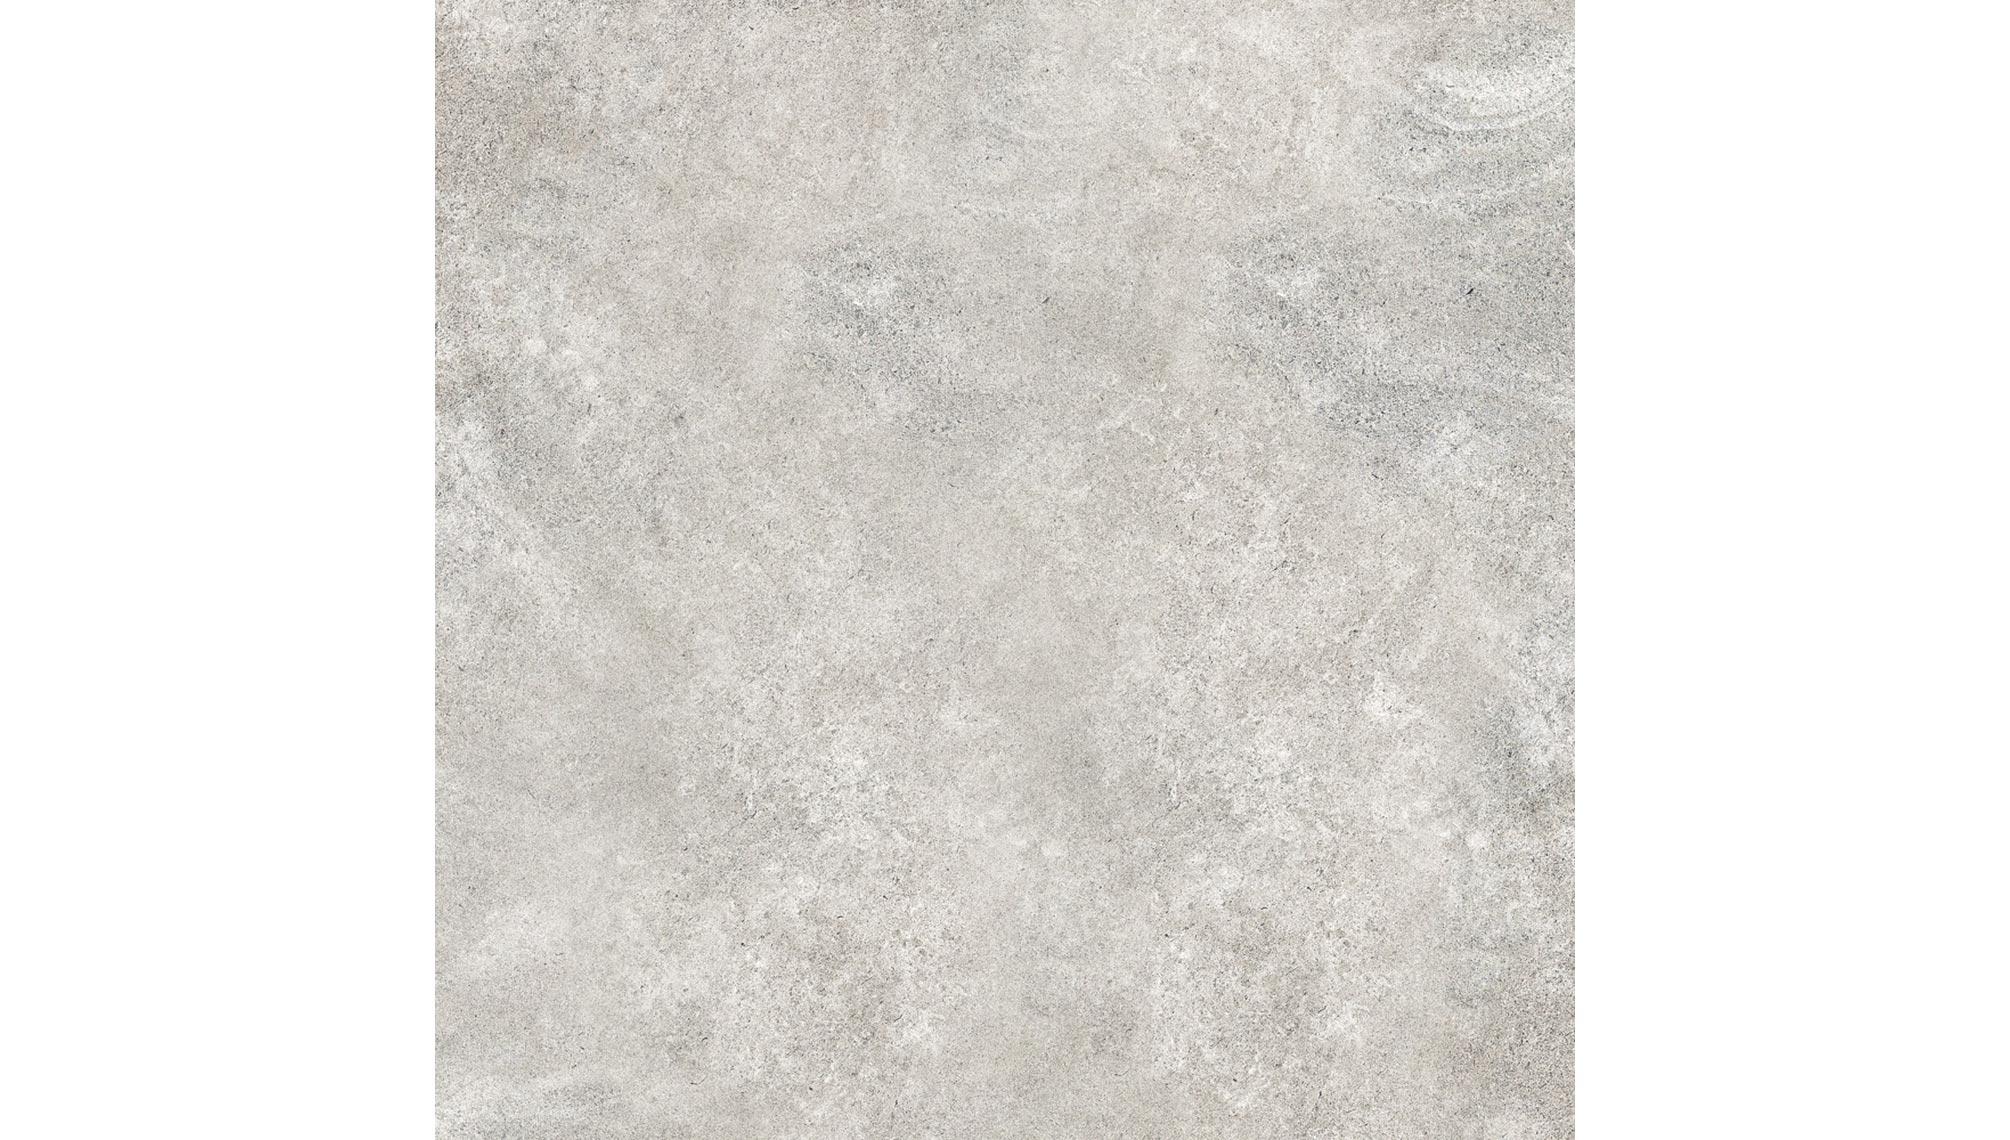 Terrassenplatten Feinsteinzeug 2cm | Fliesen24®